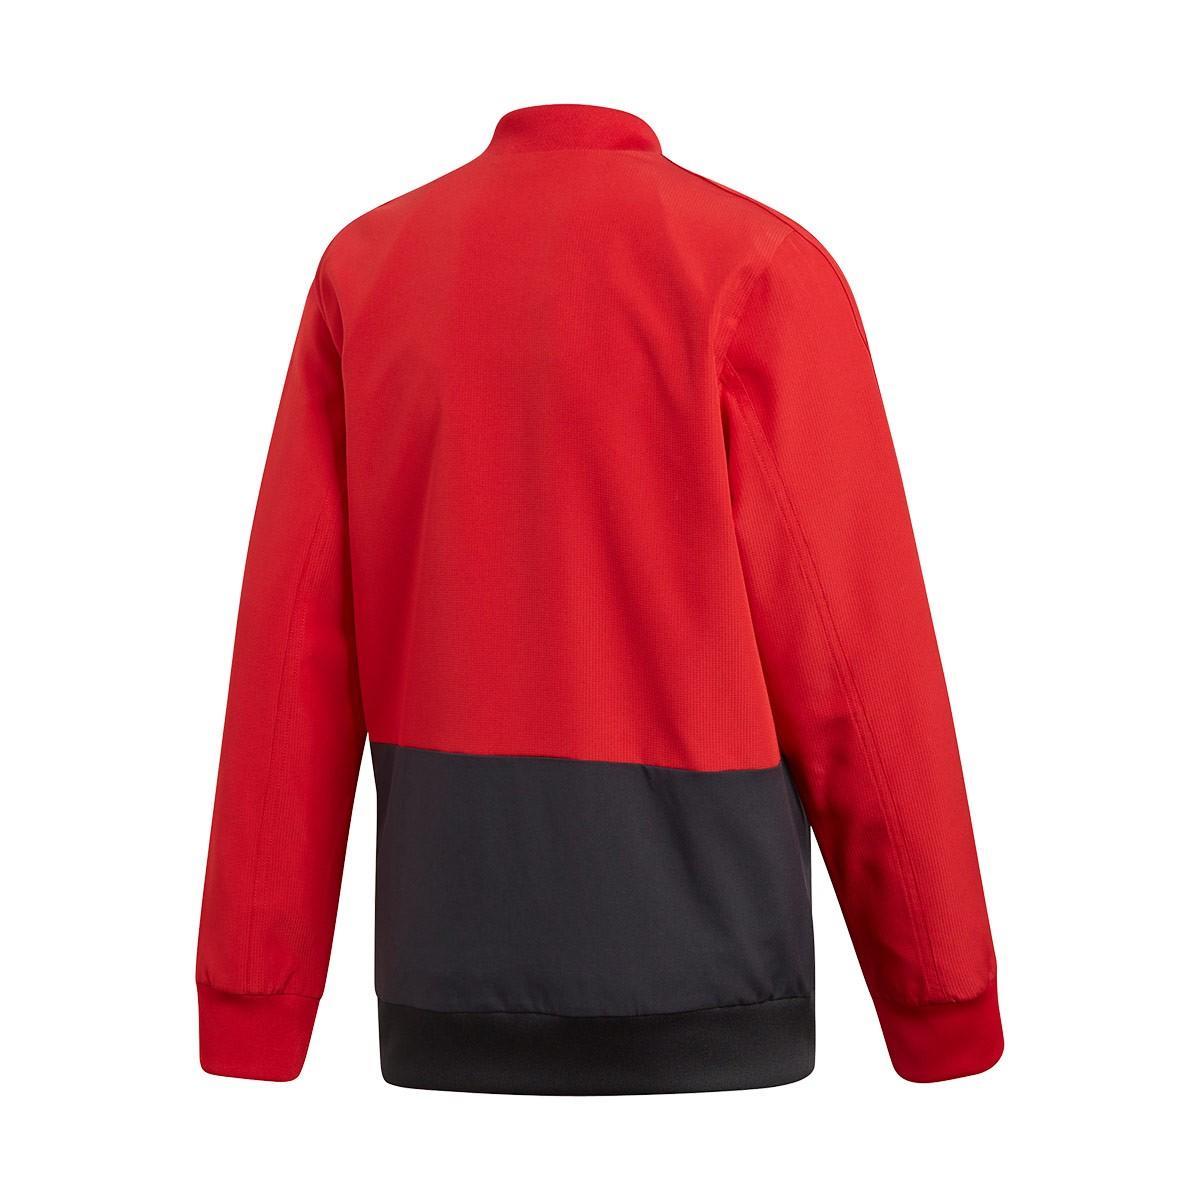 Últimas tendencias diversificado en envases diseño popular Jacket adidas Kids Condivo 18 Presentation Power red-Black-White ...